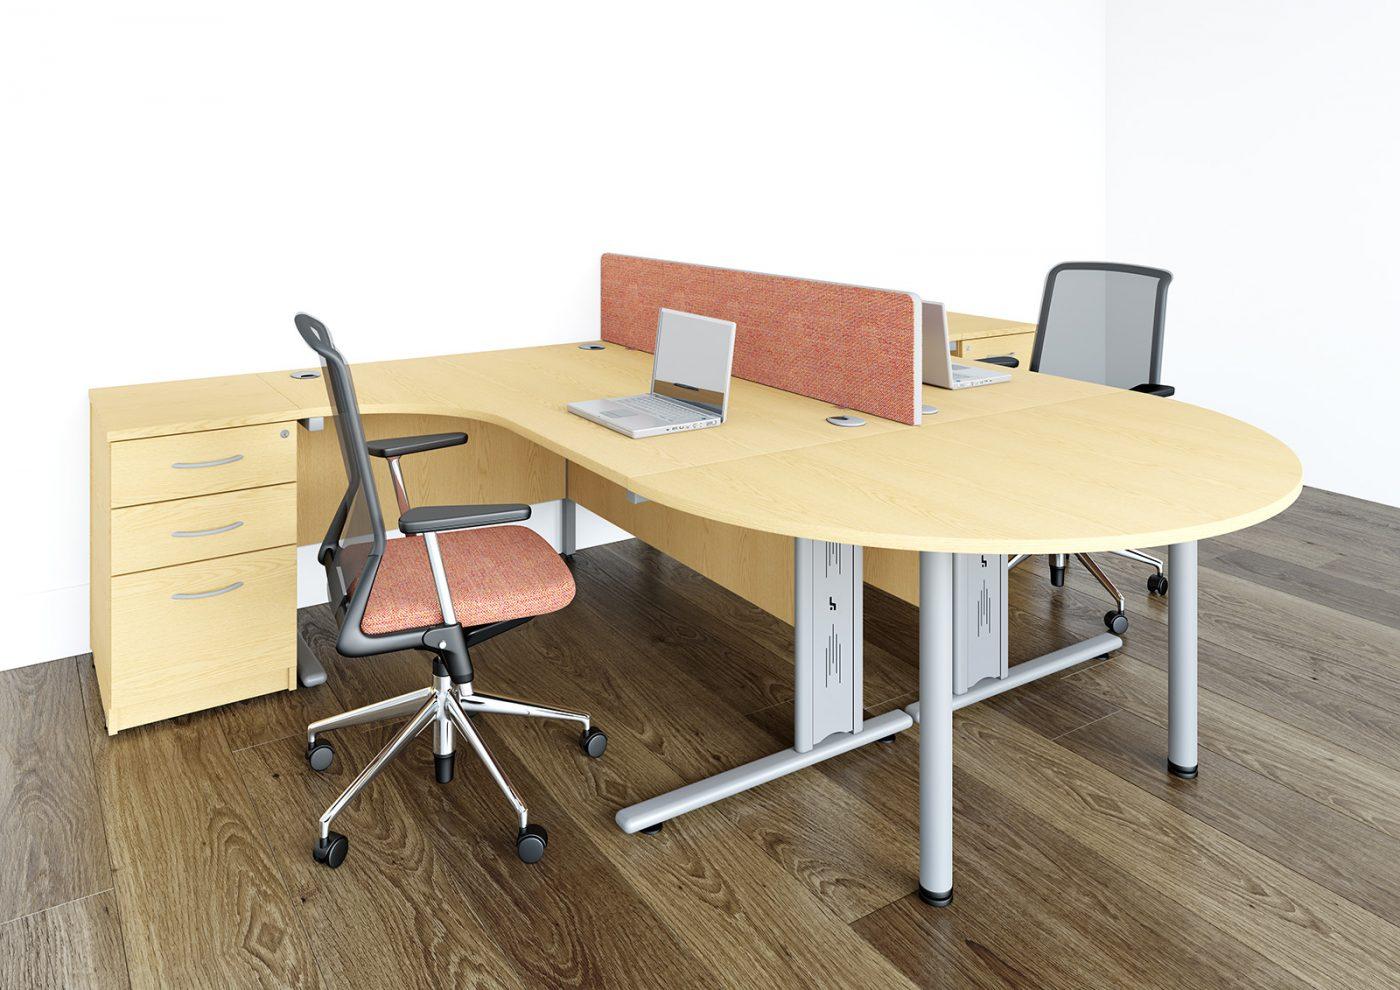 j shape desk, desk extension, desktop screen, back-to-back desk, under desk storage, cantilever desk, wire managed, cable management